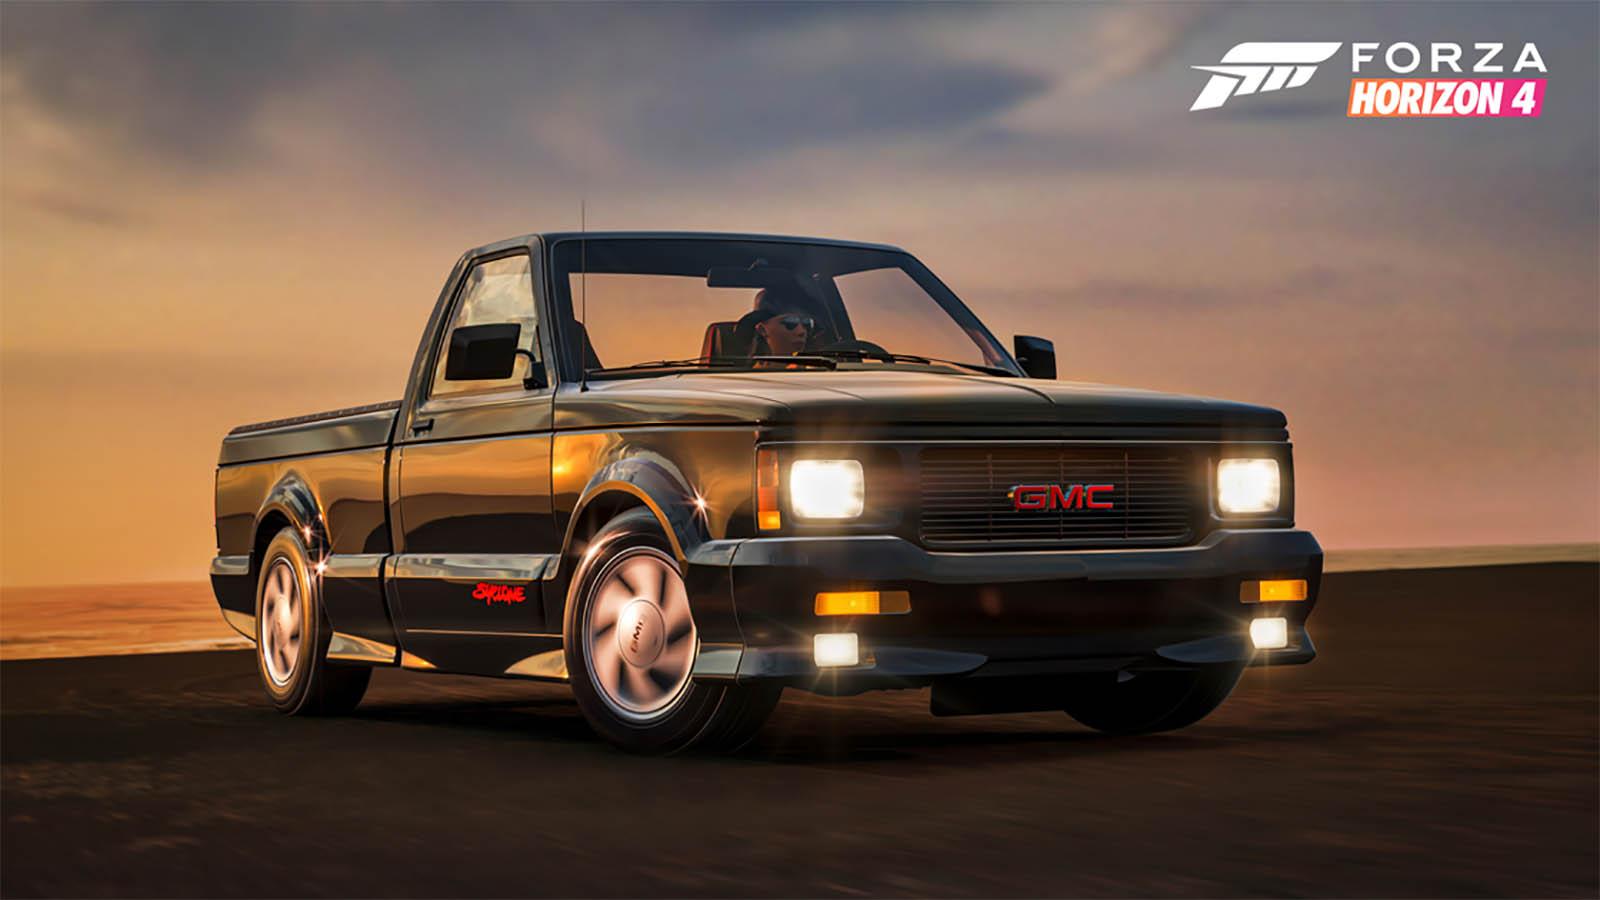 Forza Horizon 4 GMC Syclone